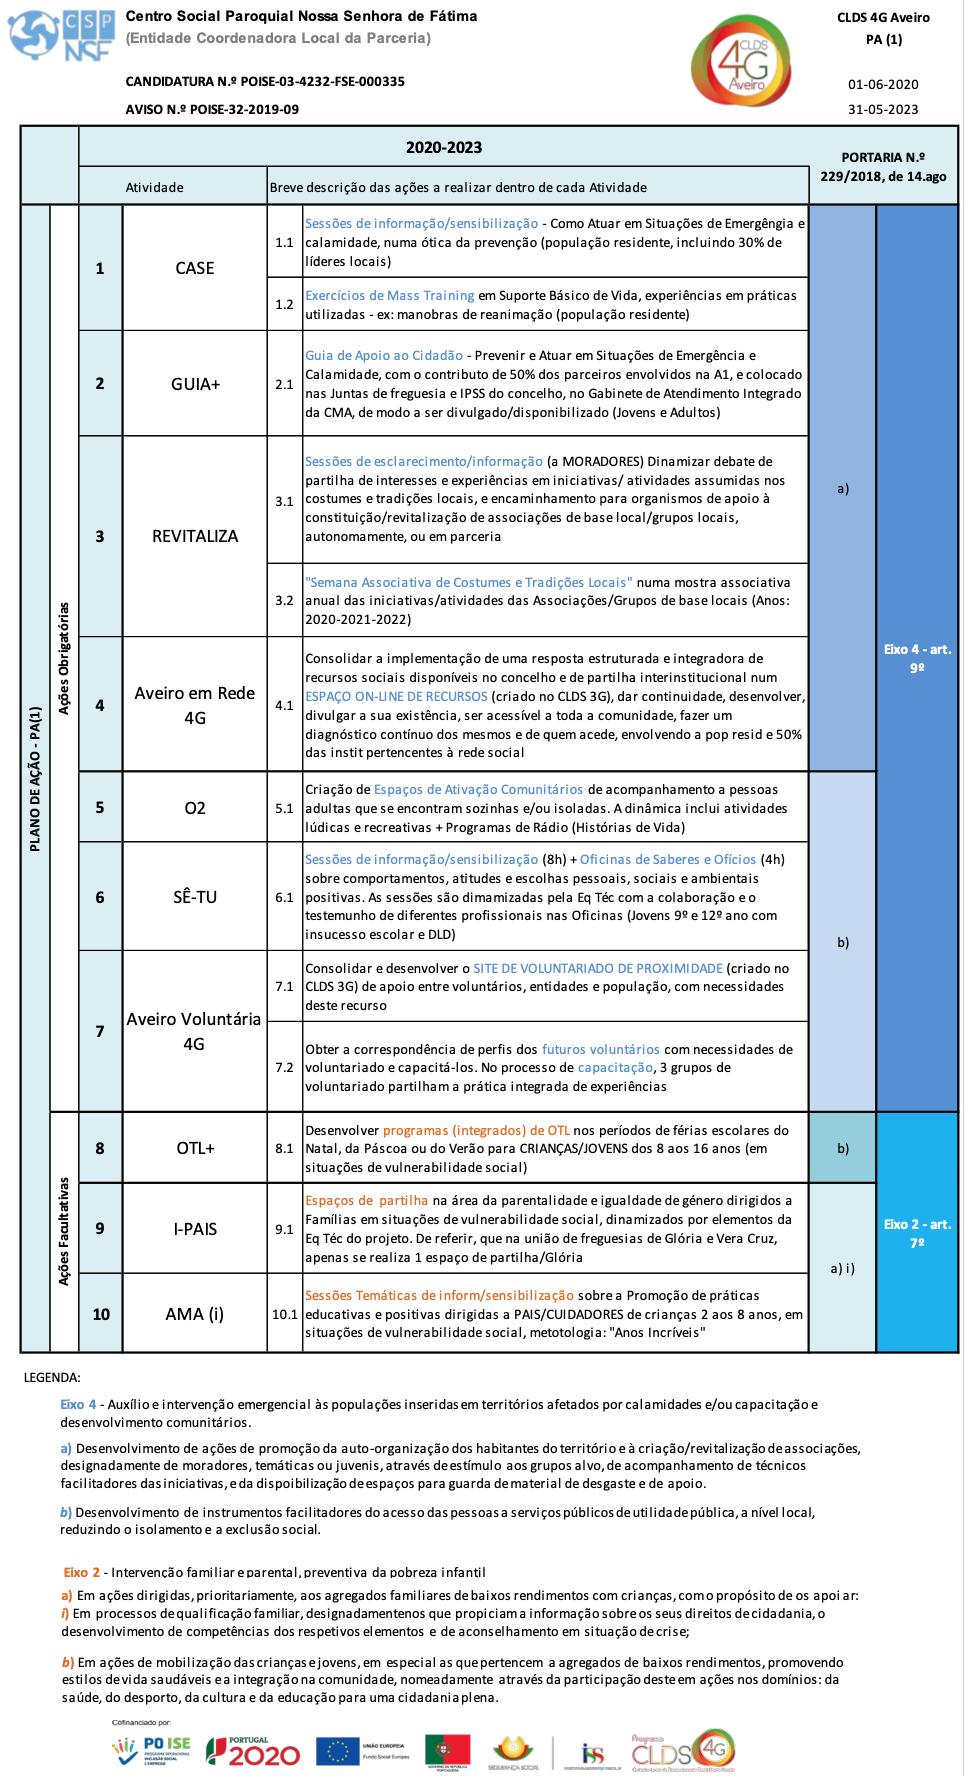 Matriz das Atividades do CLDS 4G Aveiro